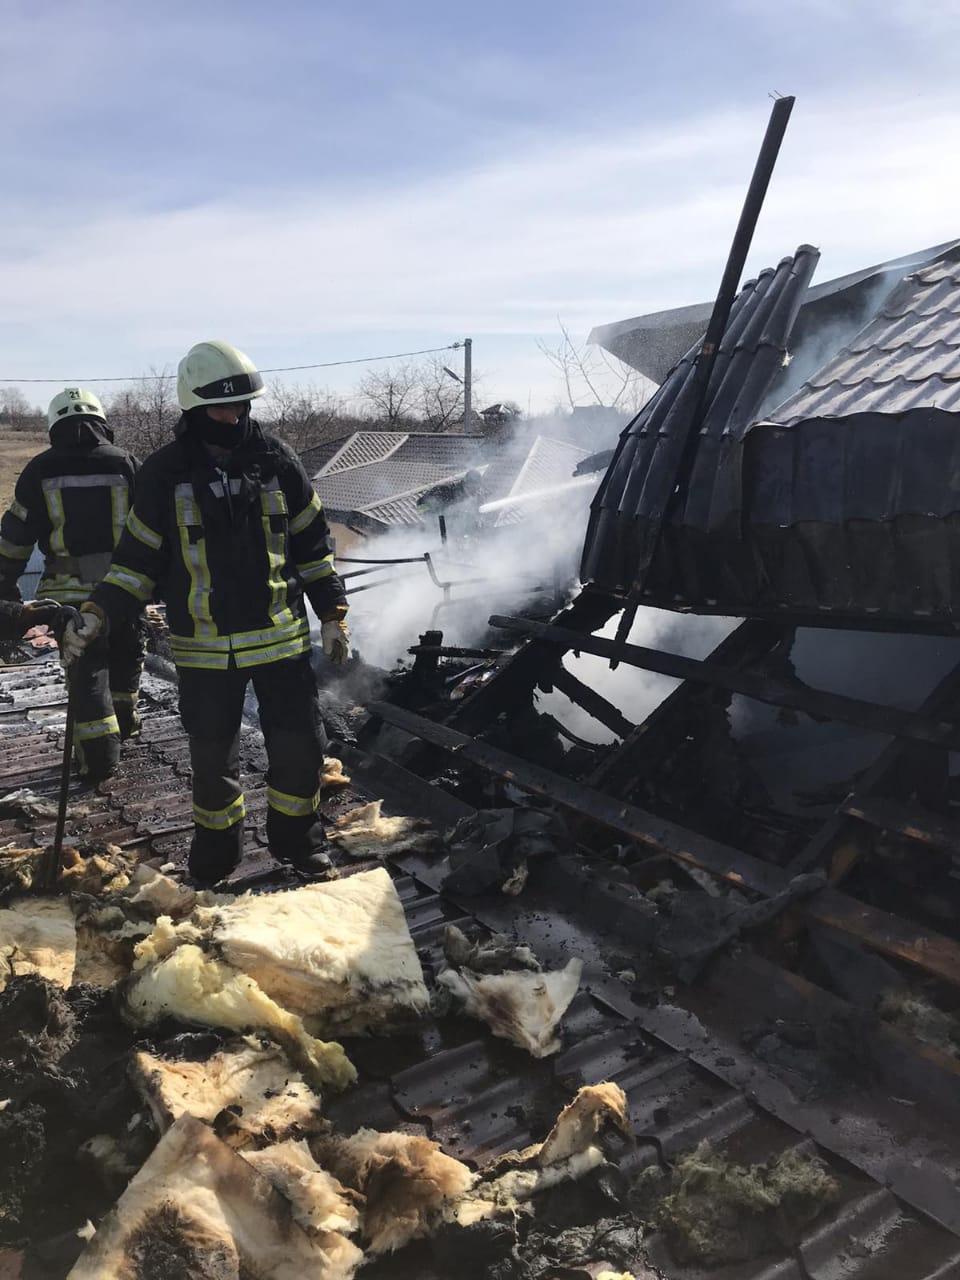 Пожежа Богданівка, 25.03.2021, фото - ДСНС